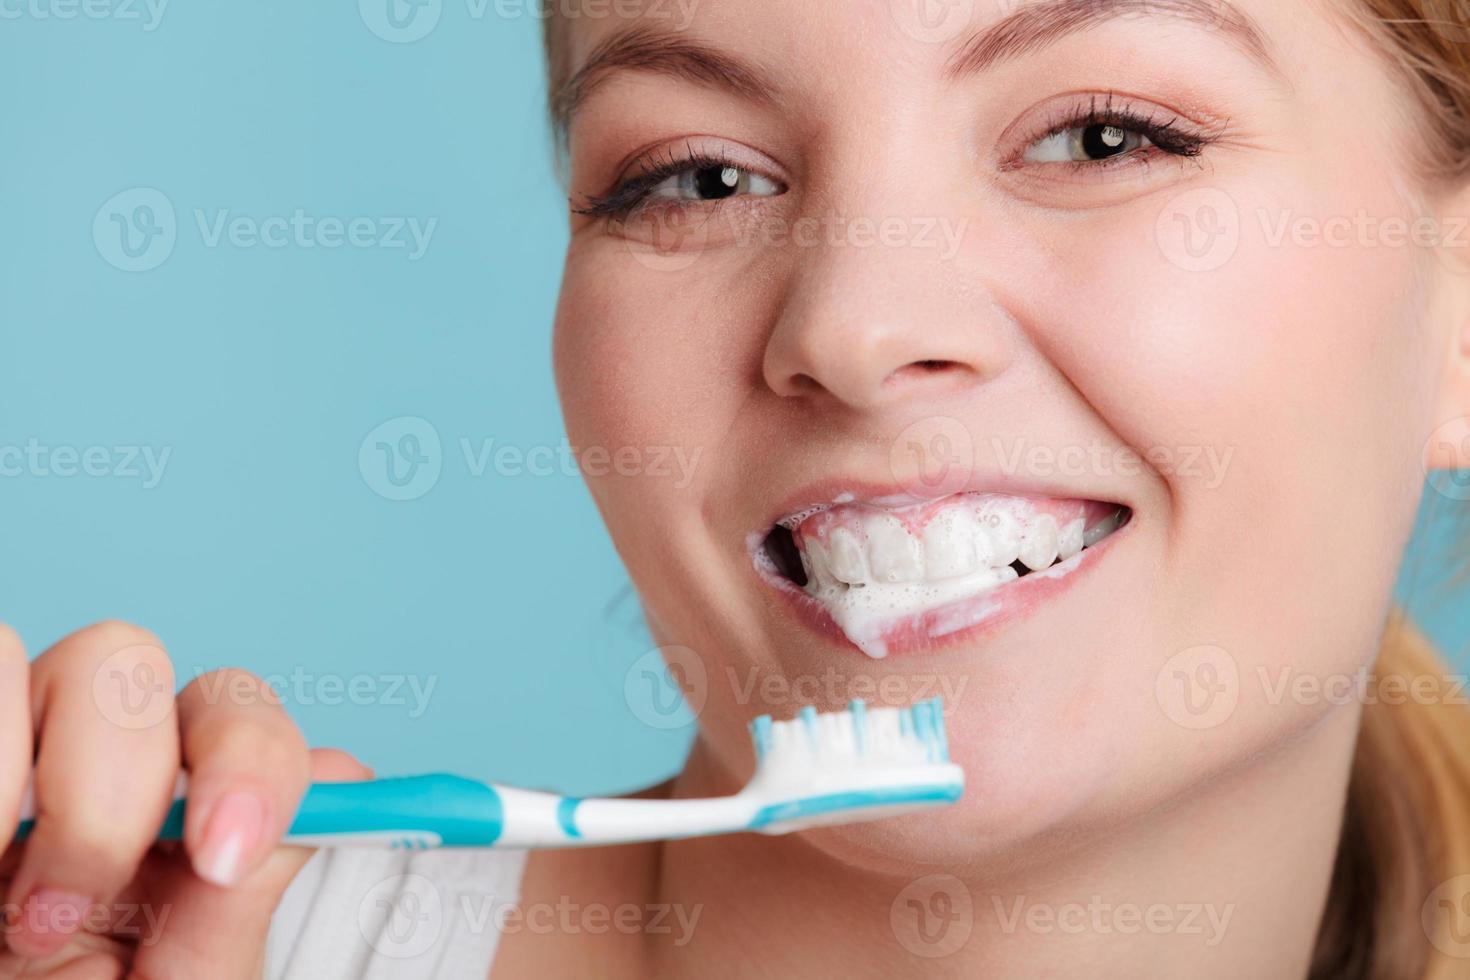 donna con spazzolino da denti spazzolatura pulizia dei denti foto